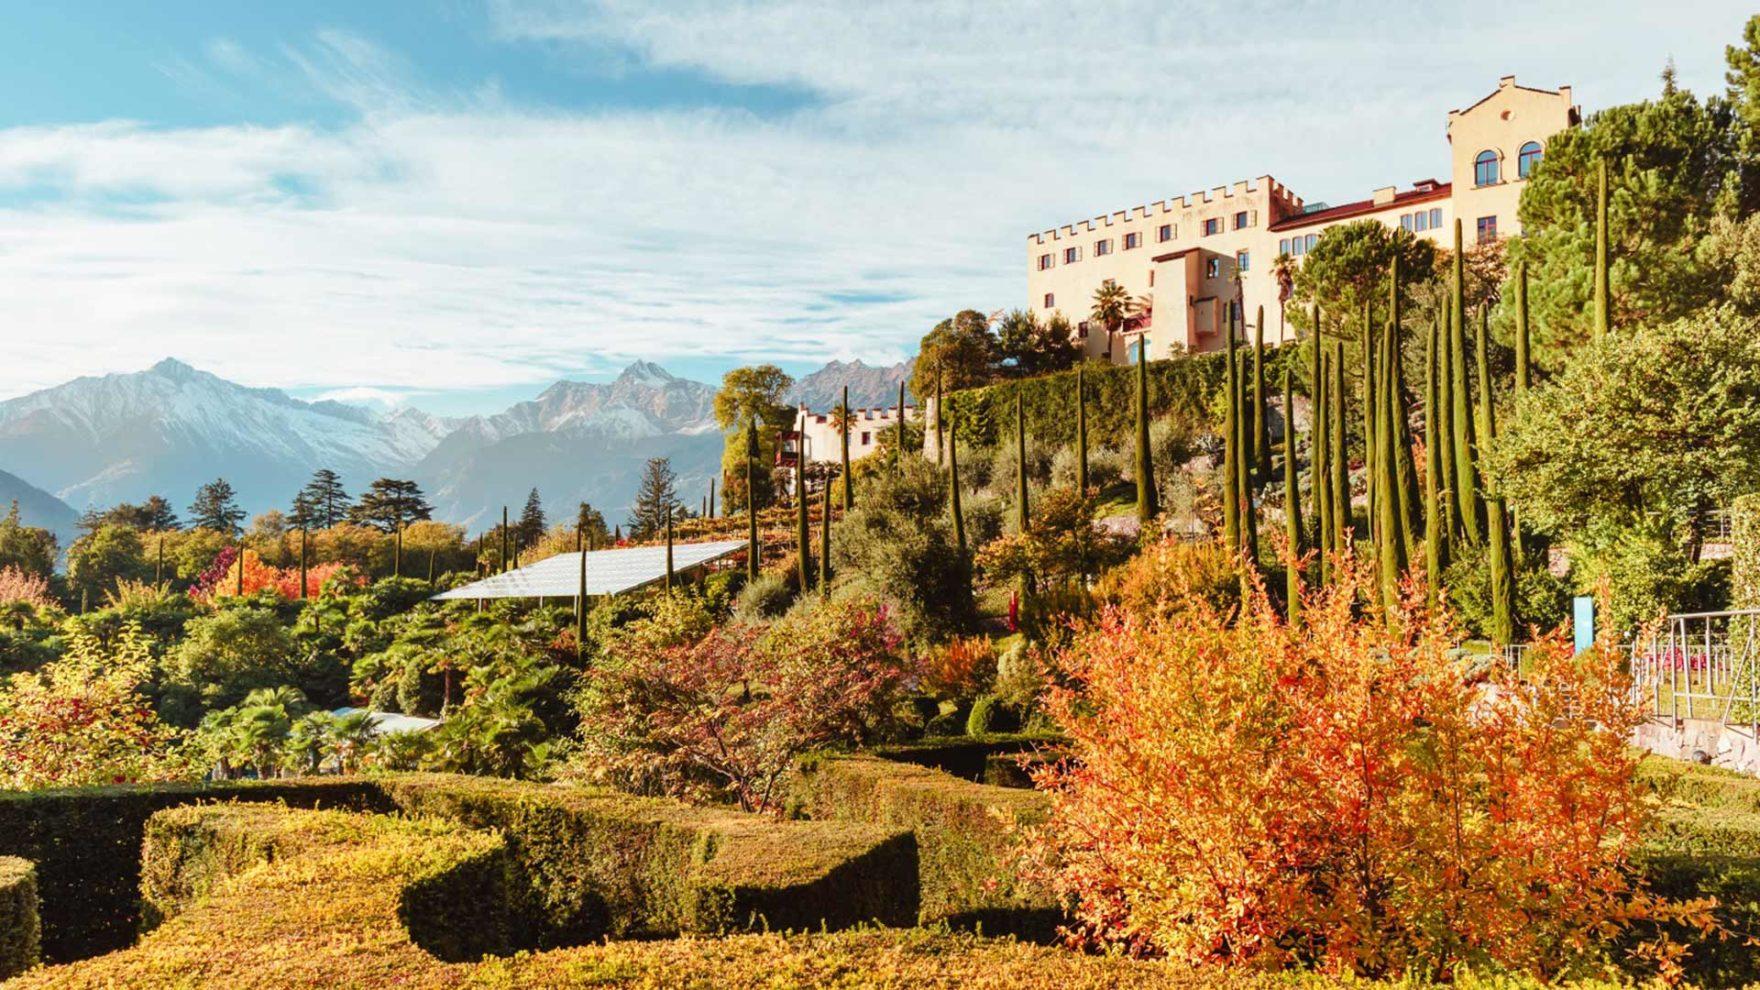 Die Gärten von Schloss Trauttmansdorff in der Jahreszeit Herbst